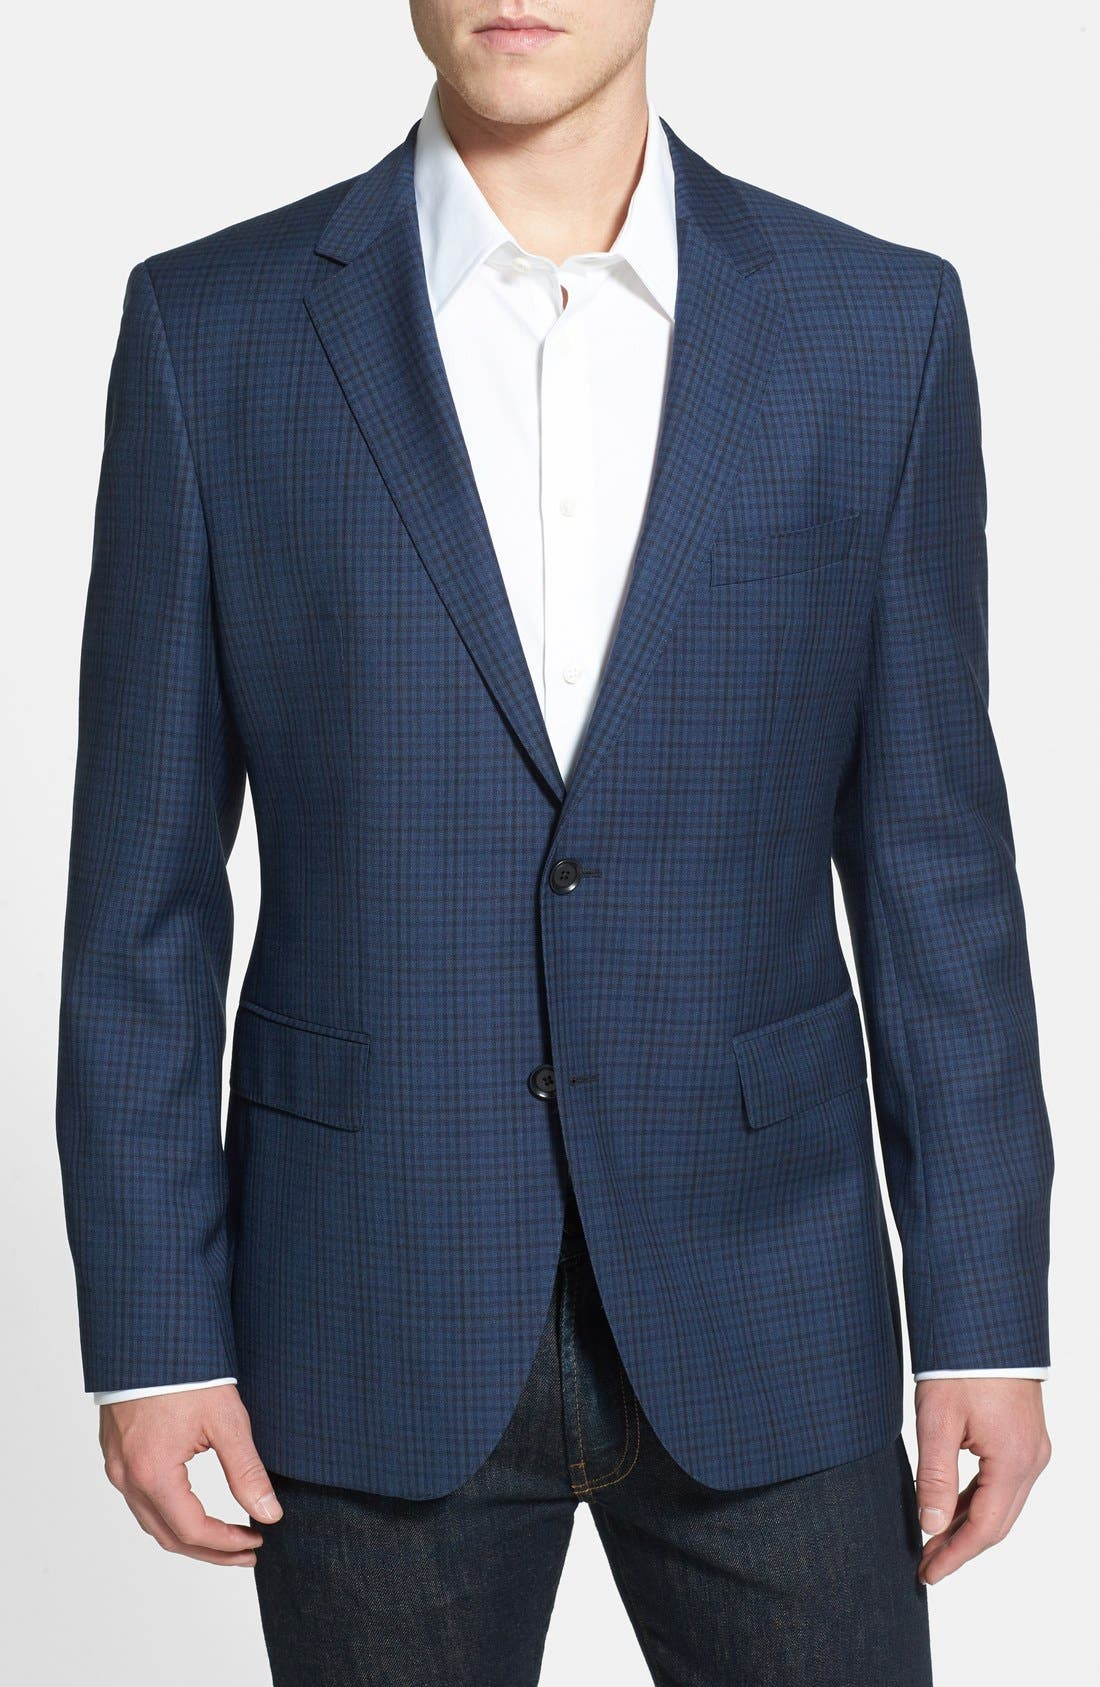 Main Image - BOSS HUGO BOSS Classic Fit Plaid Sport Coat